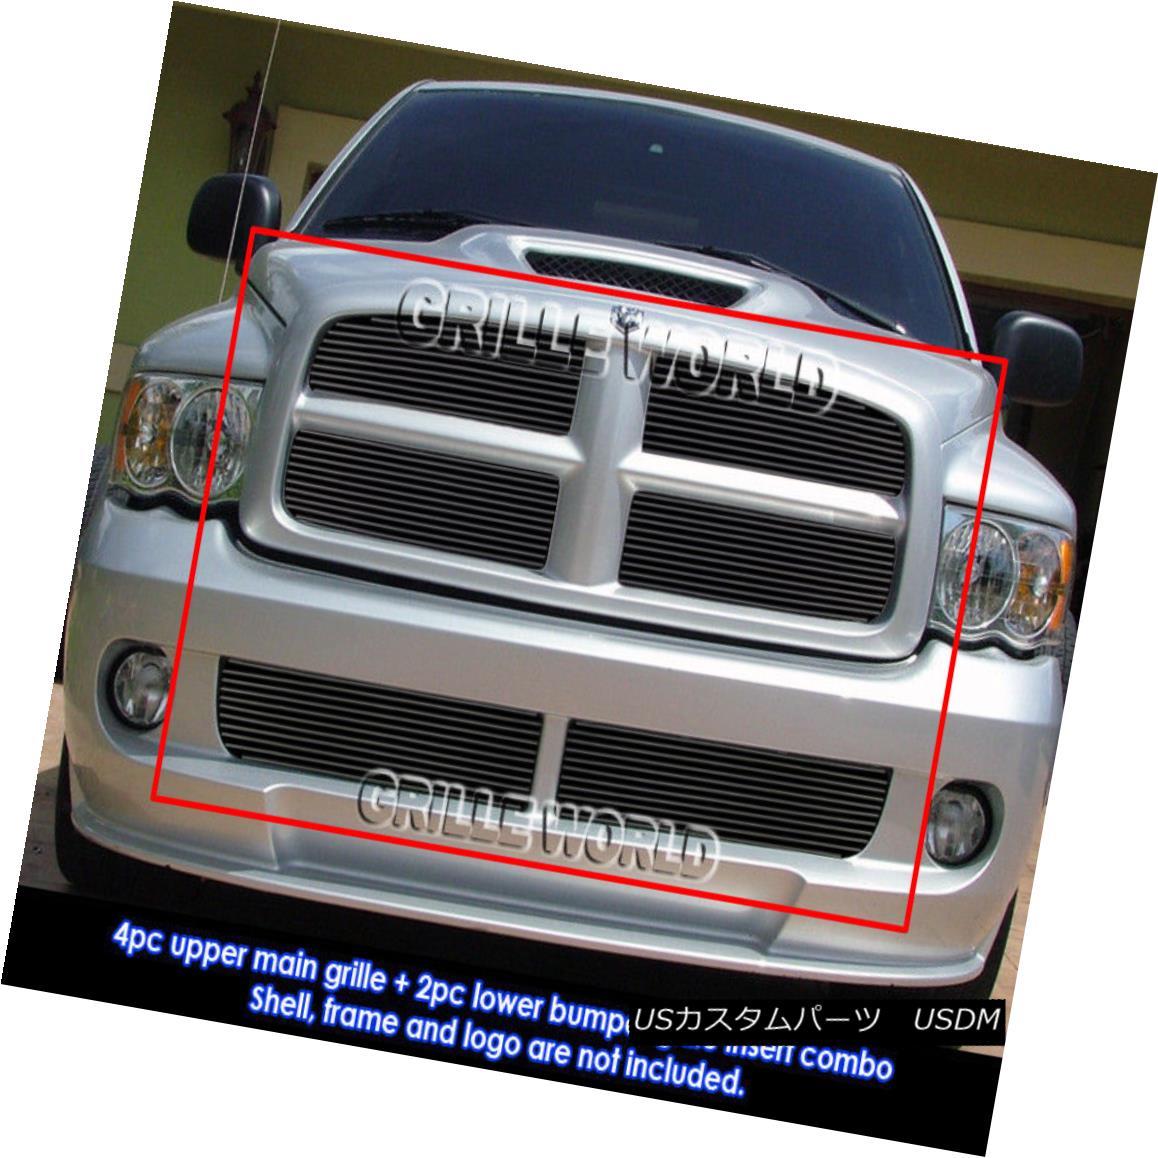 グリル For 2004-2005 Dodge Ram SRT 10 Bolt Over Black Billet Grill Insert Combo 2004-2005ドッジラムSRT 10ボルトオーバーブラックビレットグリルインサートコンボ用